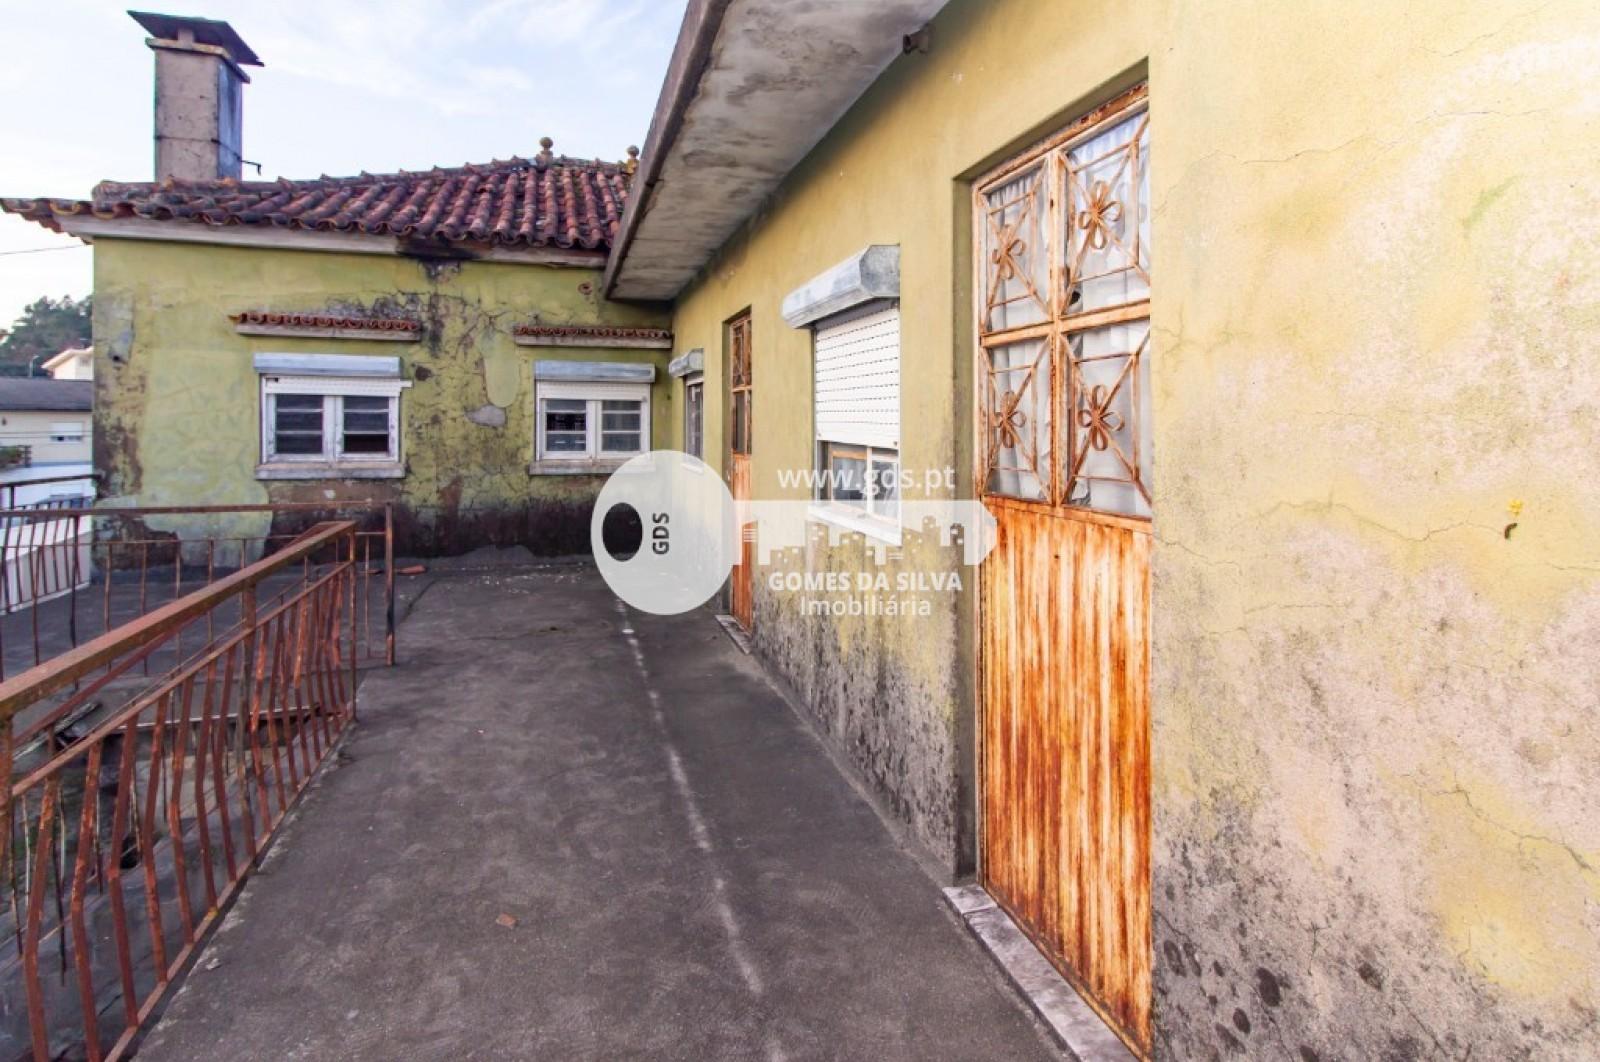 Moradia T3 para Venda em Priscos, Braga, Braga - Imagem 13